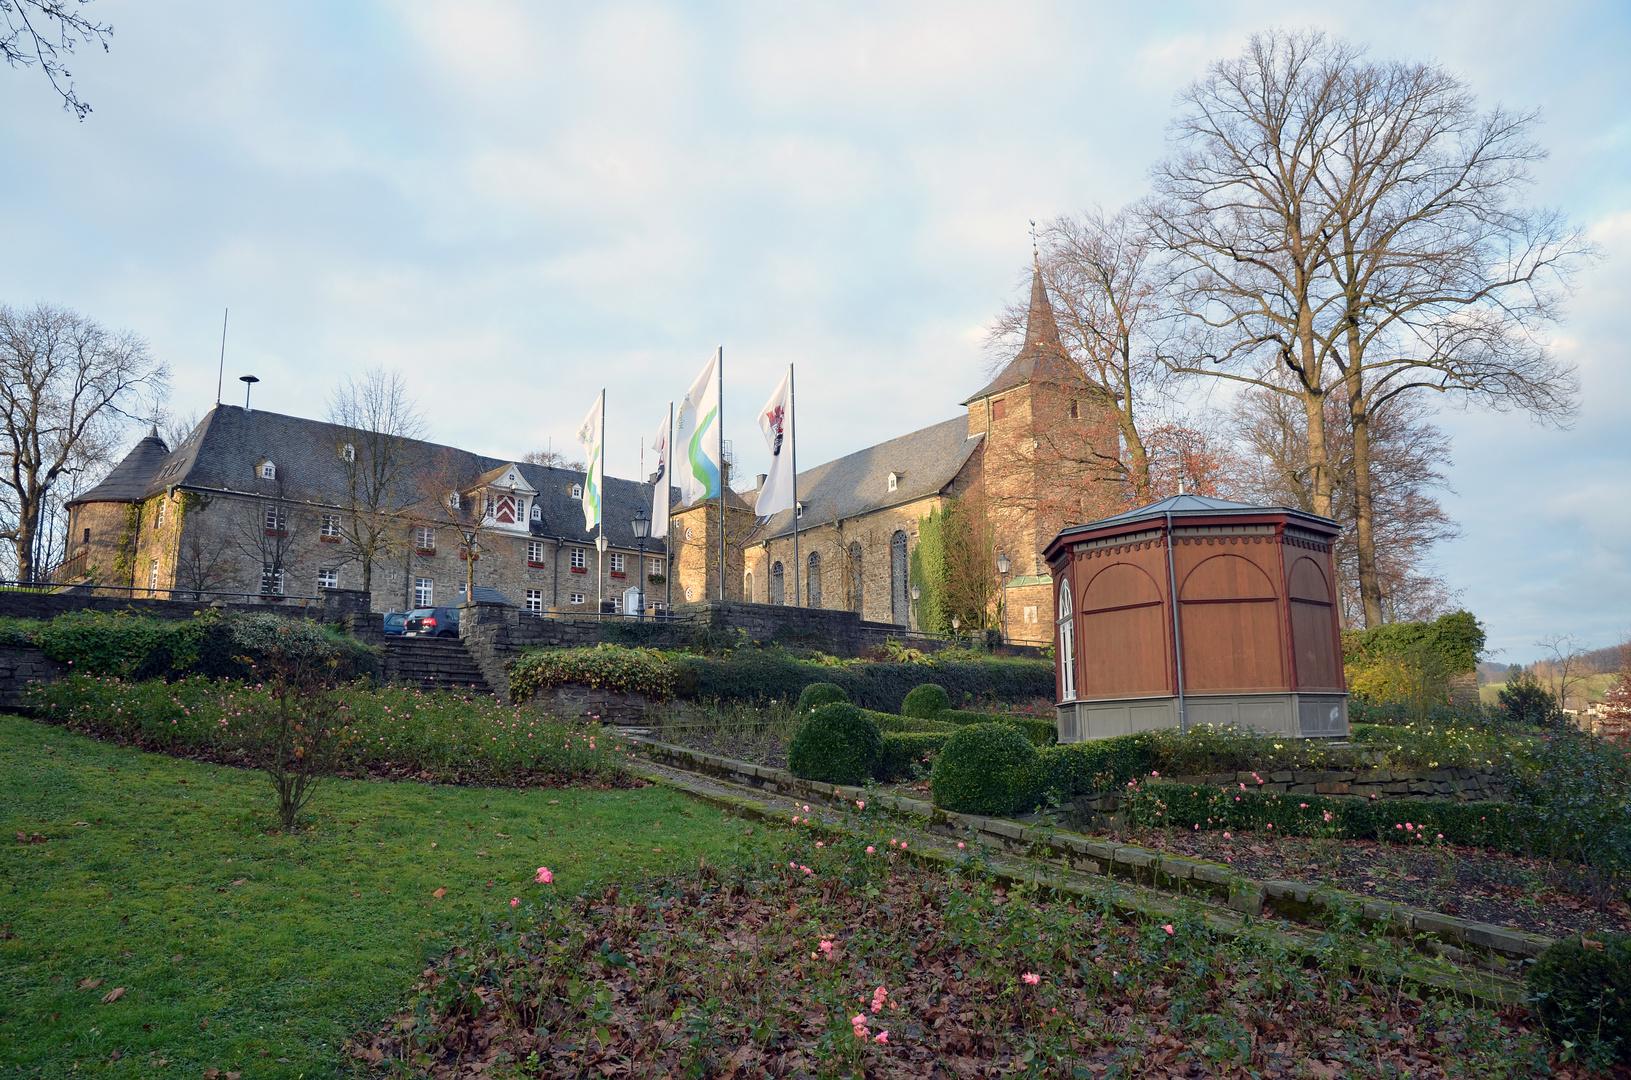 Hückeswagener Schloß mit Pavillon im Rosengarten